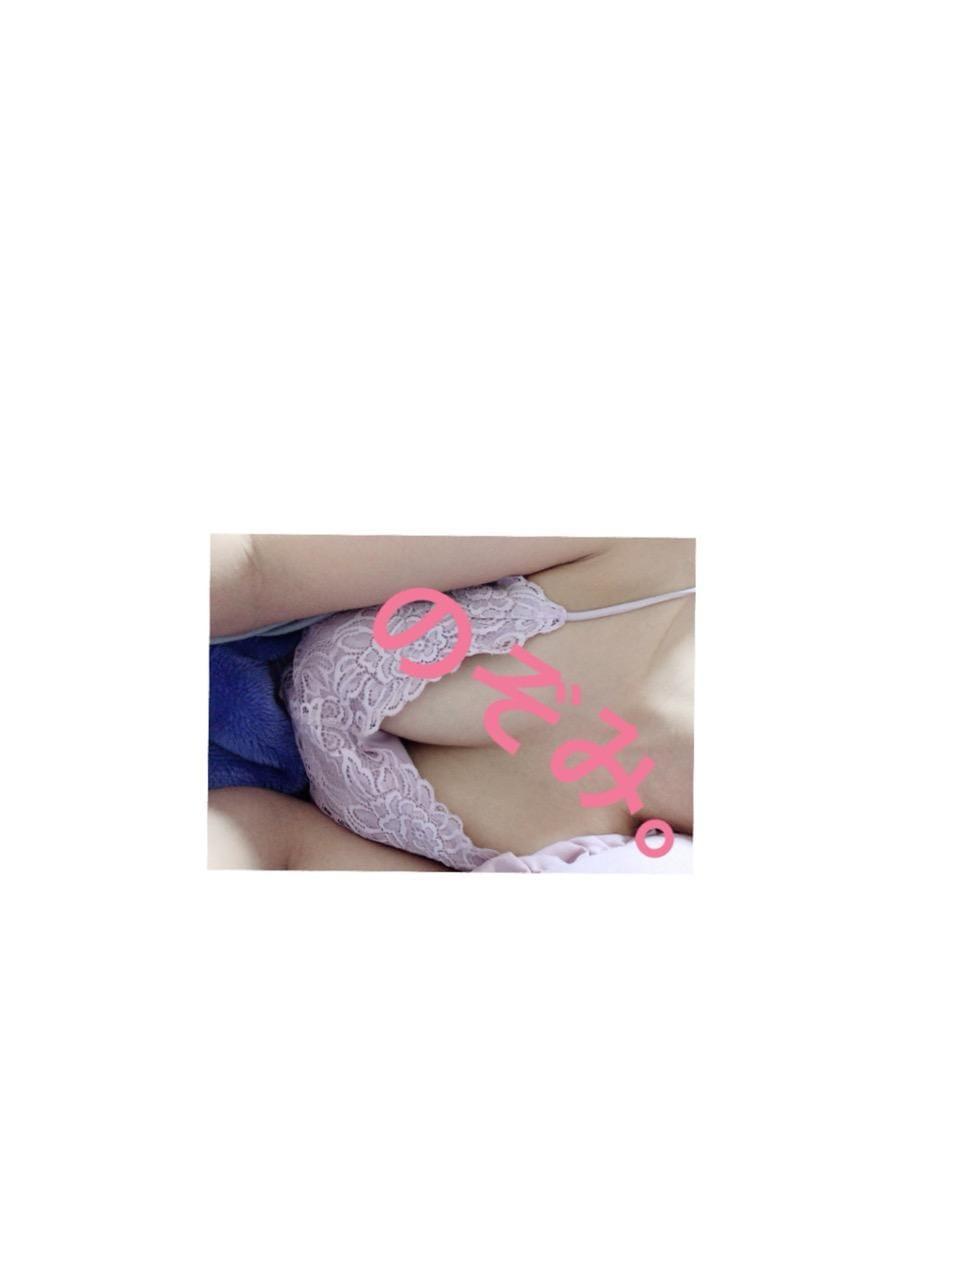 香川希美「探究心」01/23(水) 00:14 | 香川希美の写メ・風俗動画